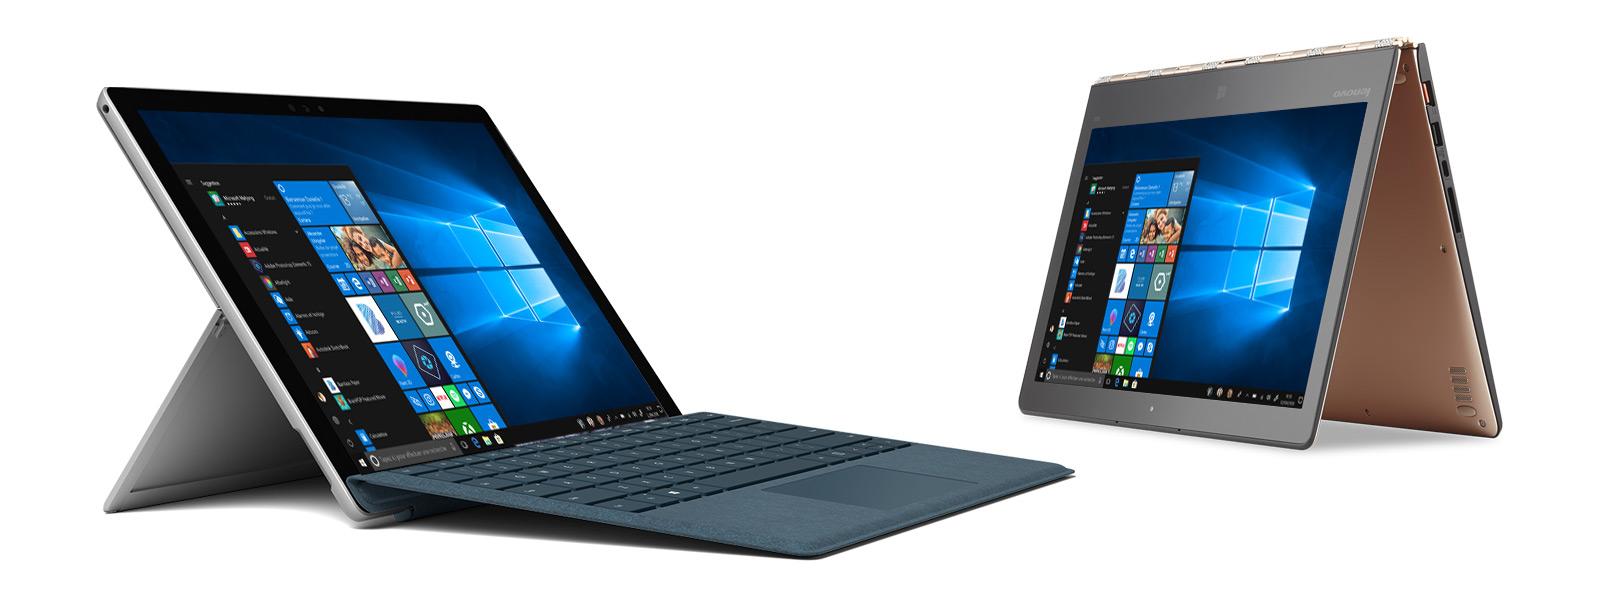 Vue inclinée de droite de la Microsoft Surface Pro et vue inclinée de gauche du HP Spectre x360 en position chevalet.